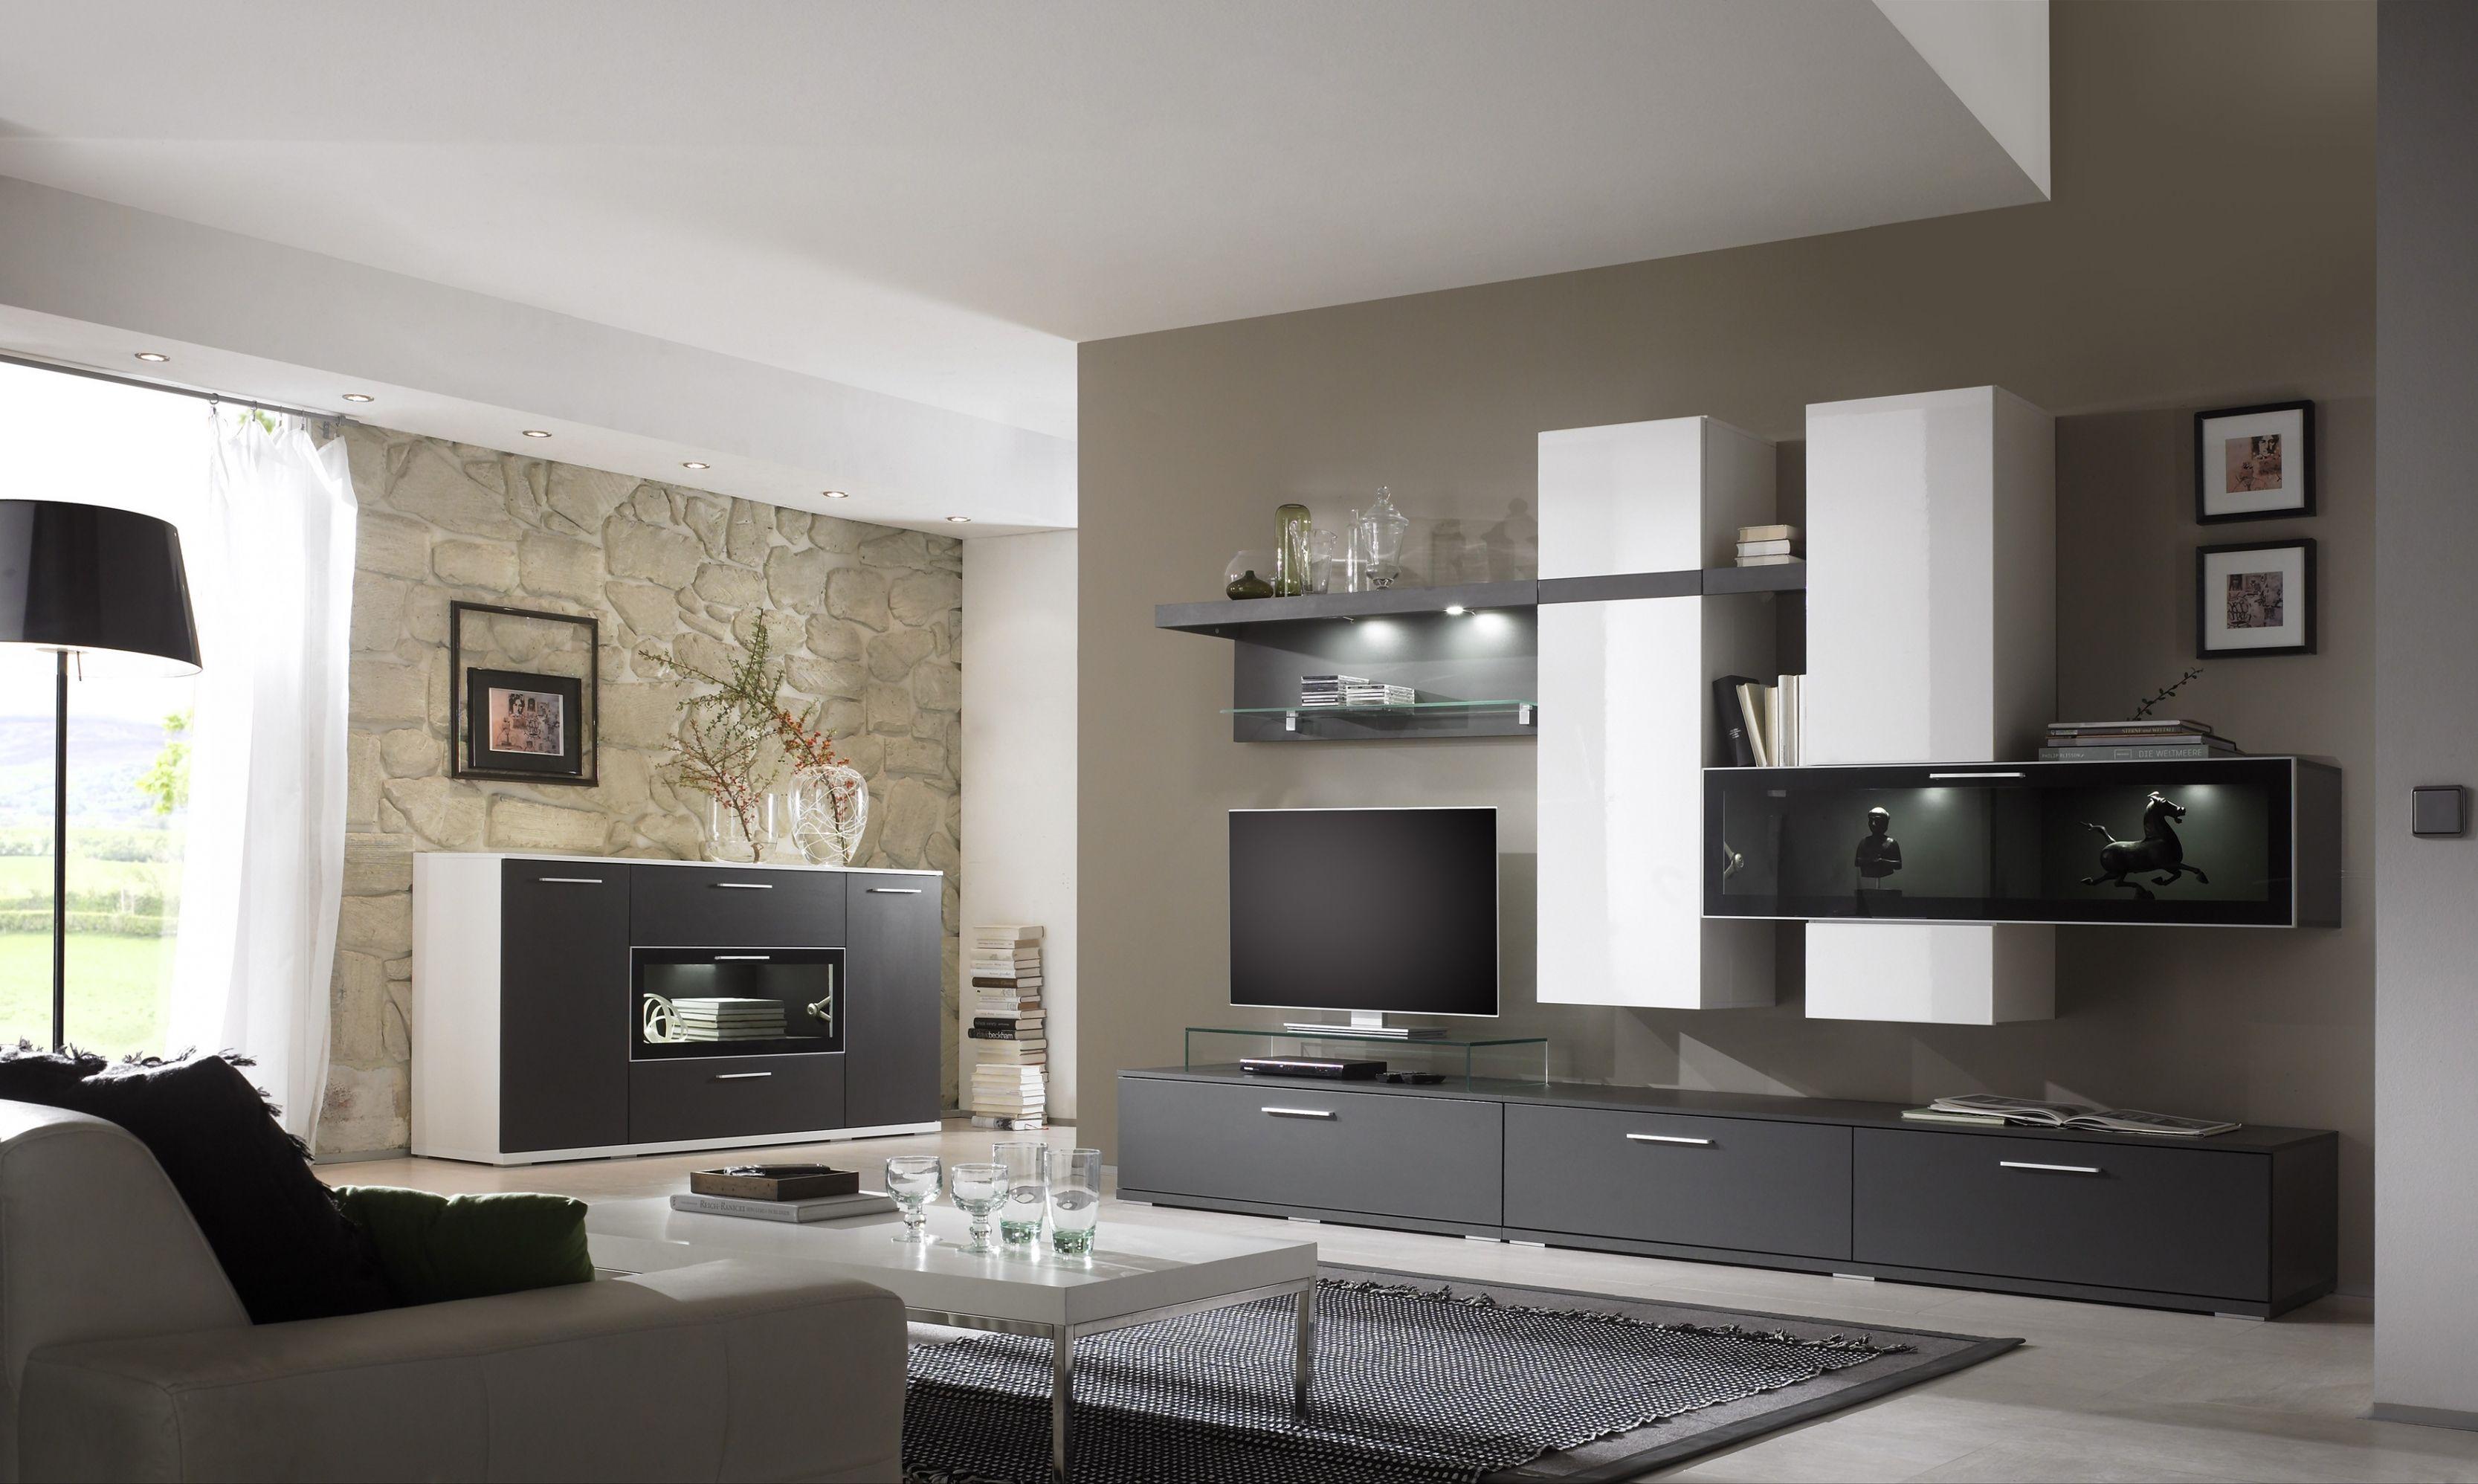 Neu Wohnzimmer Modern Tapezieren | Wohnzimmer ideen | Pinterest ...